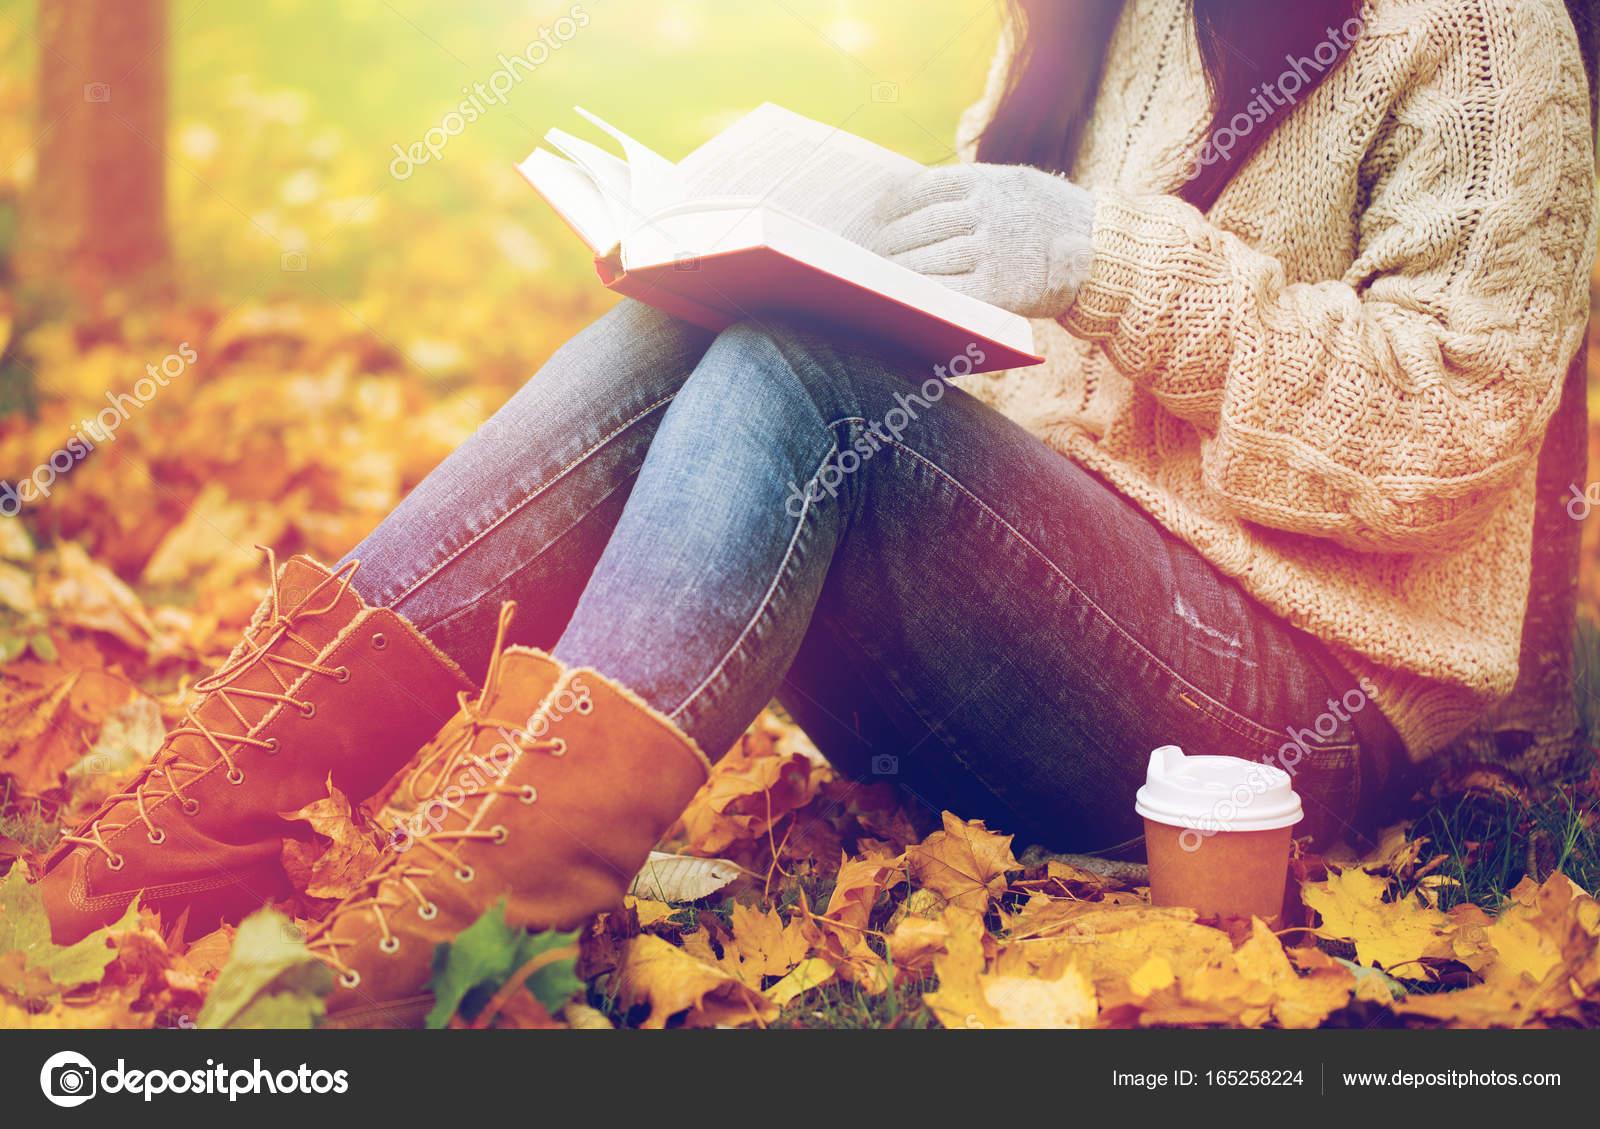 Mujer Con Libro Tomando Café En El Parque Otoño